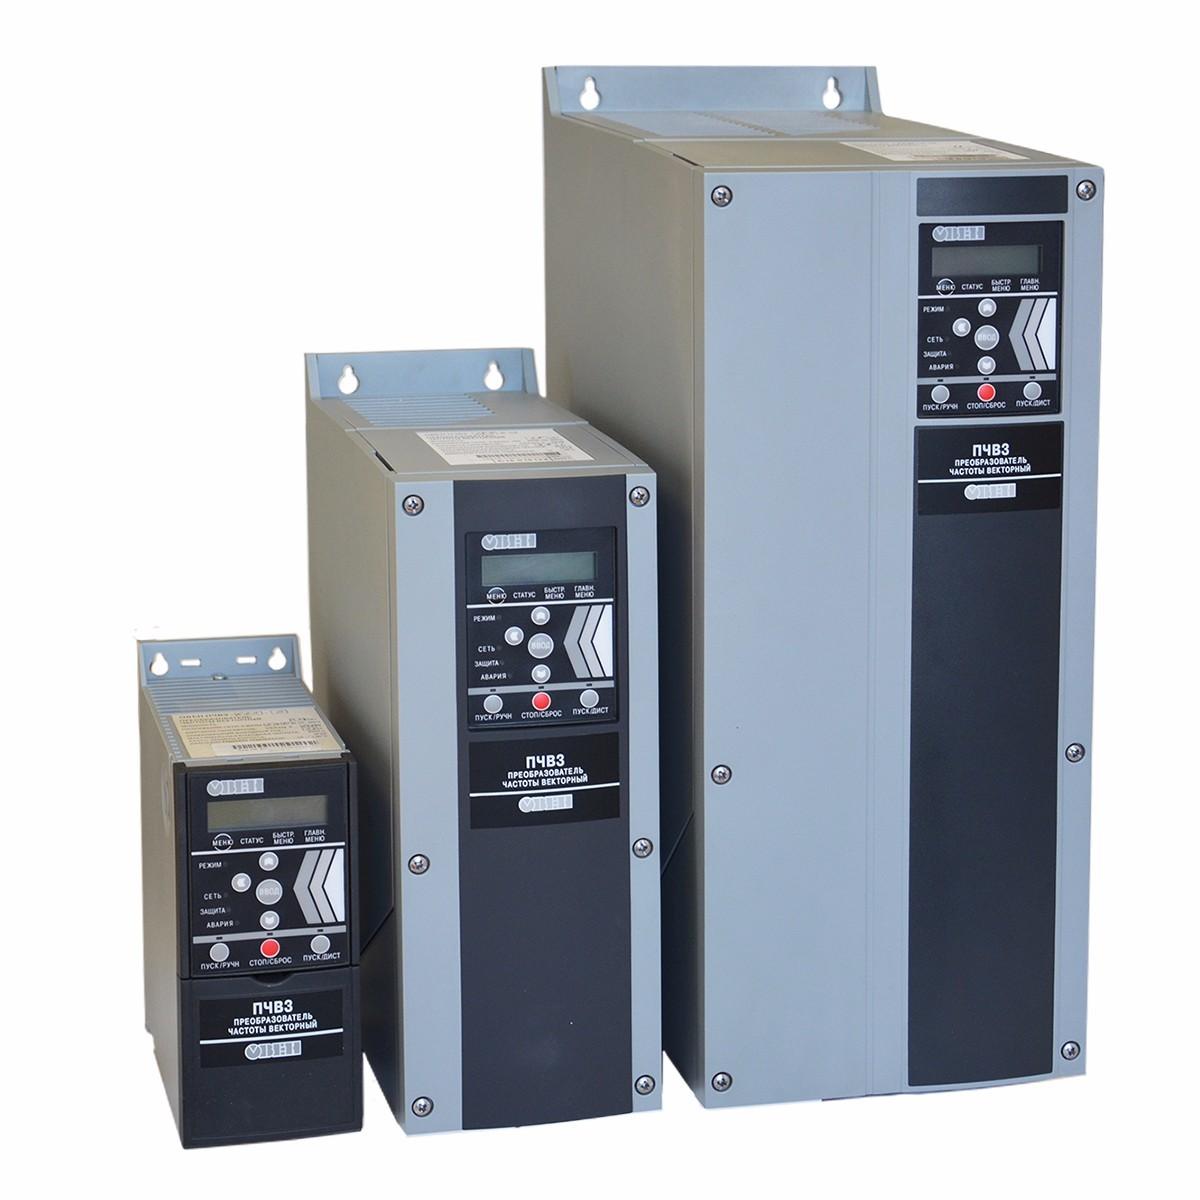 ПЧВ3 преобразователи частоты векторные для насосов и вентиляторов